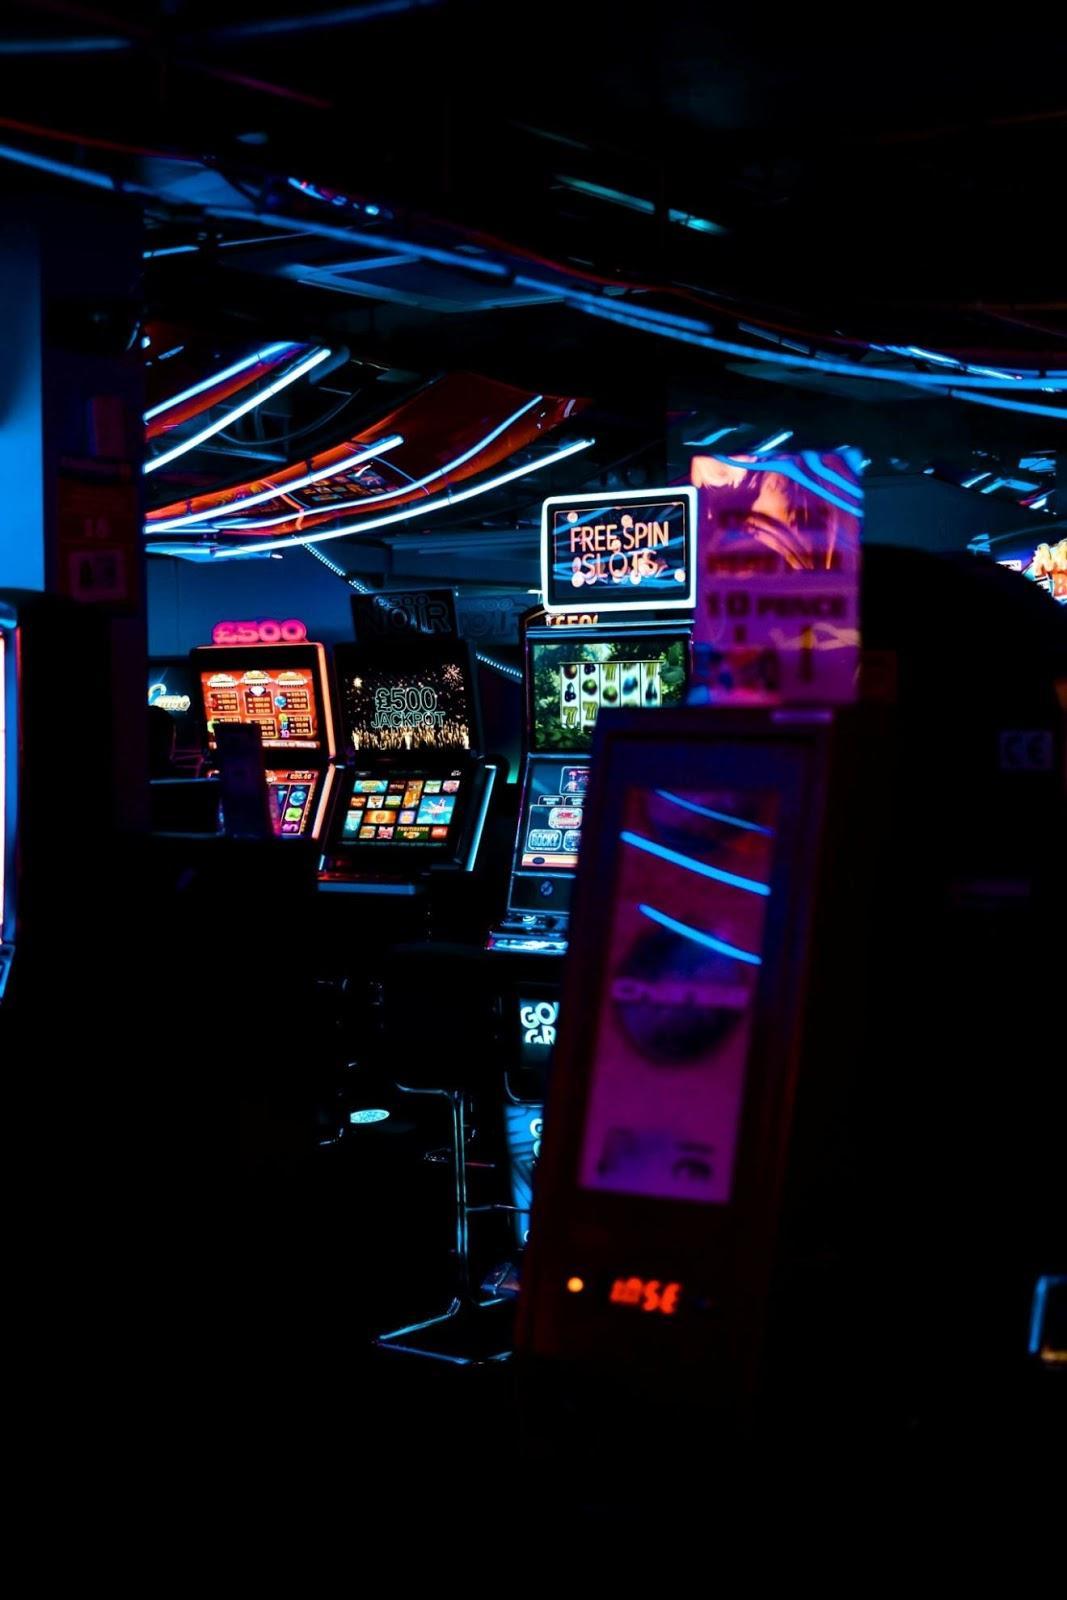 inside-the-casino-2110357.jpg